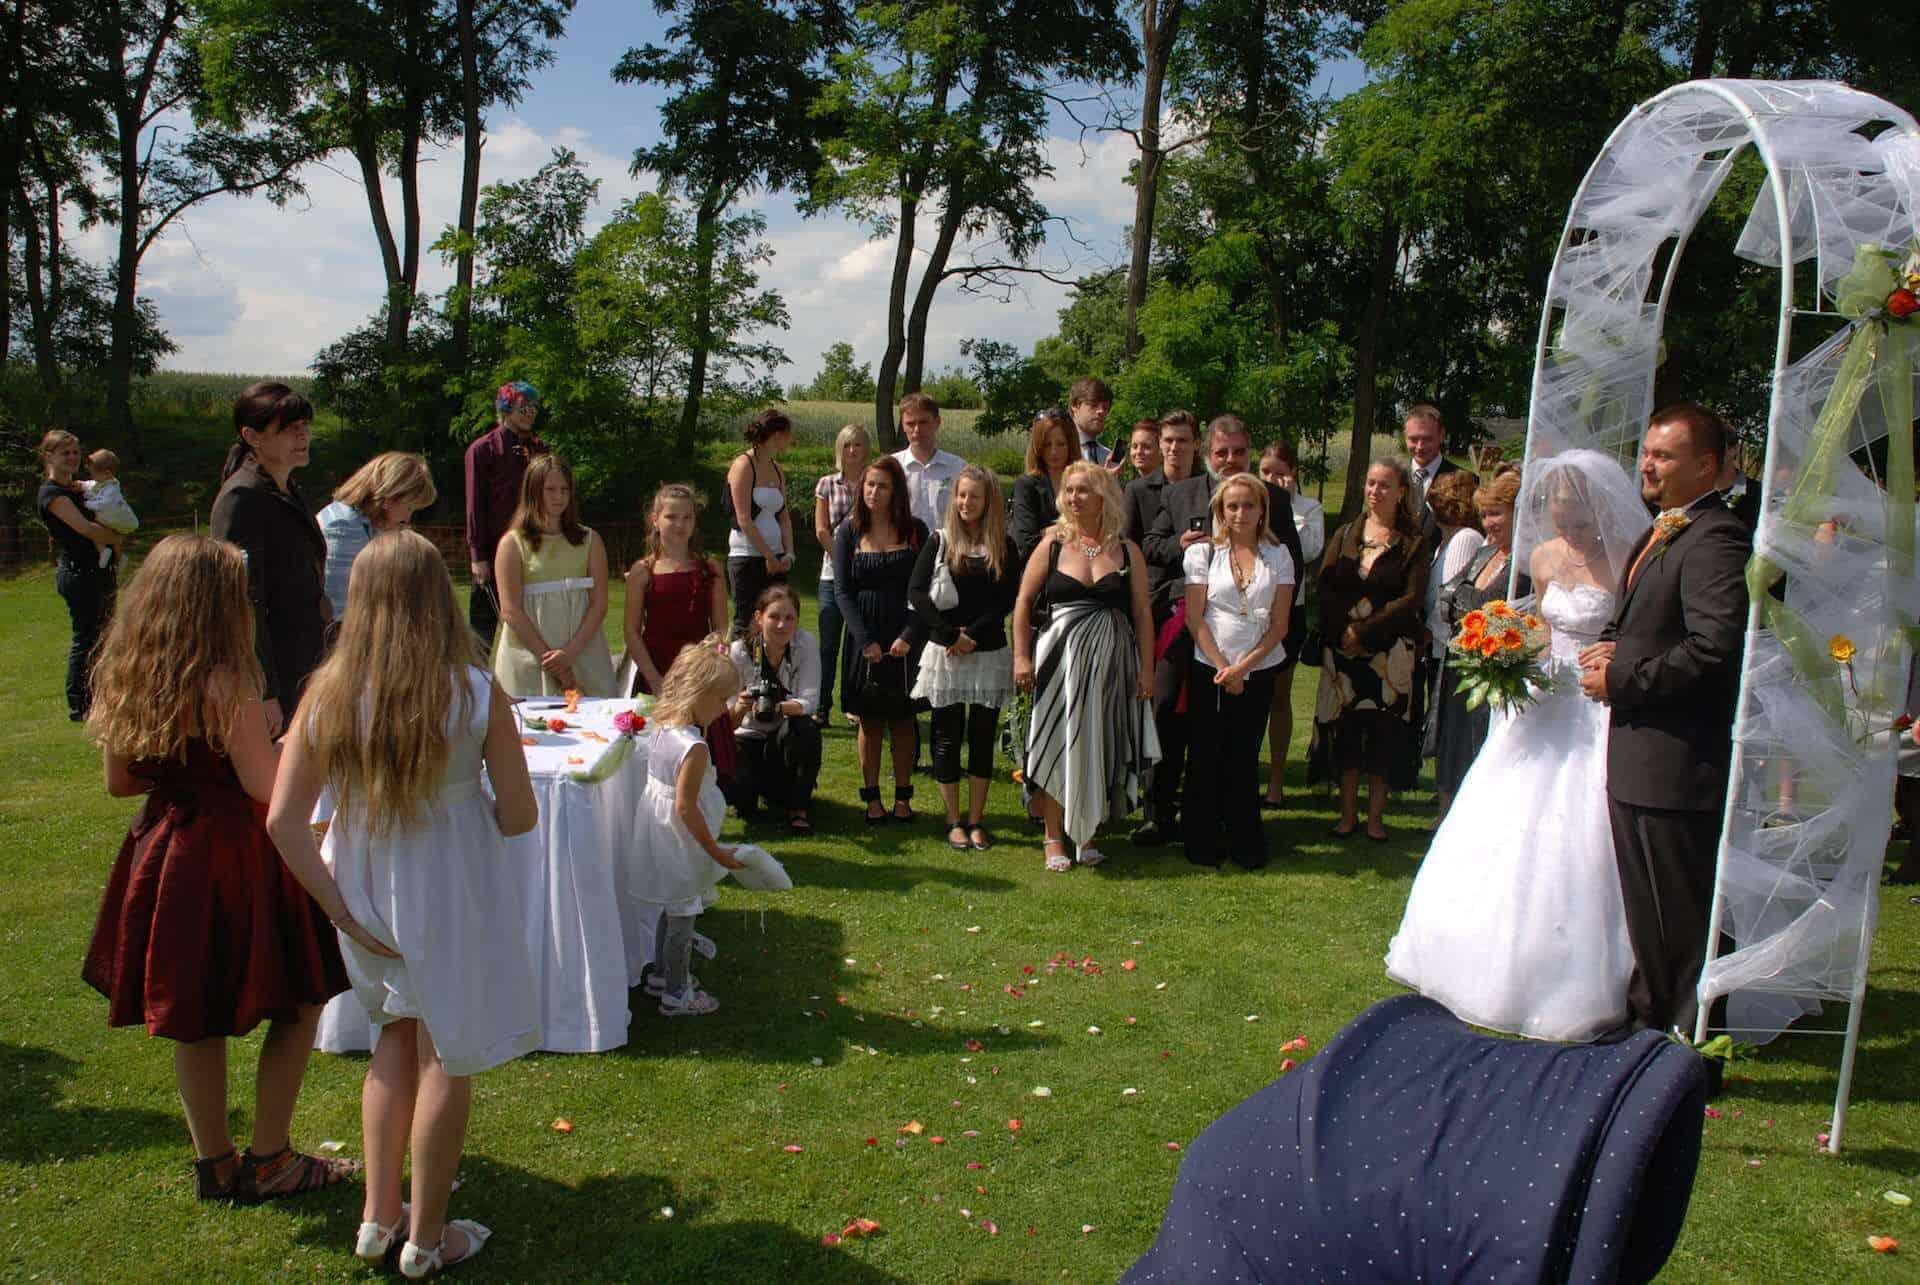 Hliněná bašta Průhonice svatební venkovní obřad 3